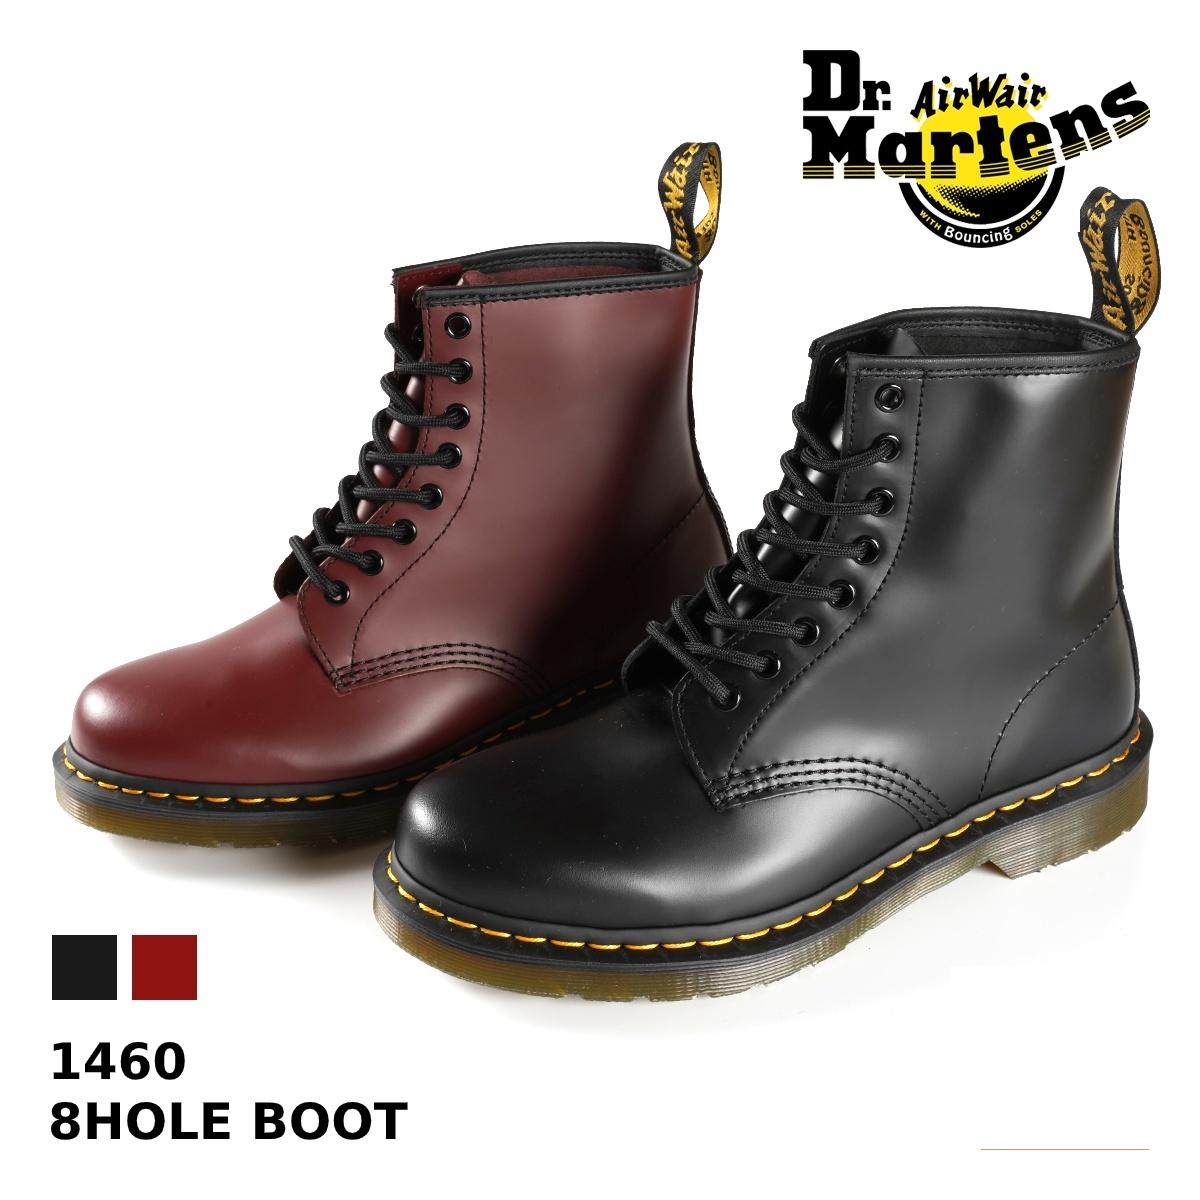 Dr.Martens 8HOLE BOOT 1460 ドクターマーチン 8ホール ブーツ BLACK(R11822006) / CHERRY RED(R11822600)